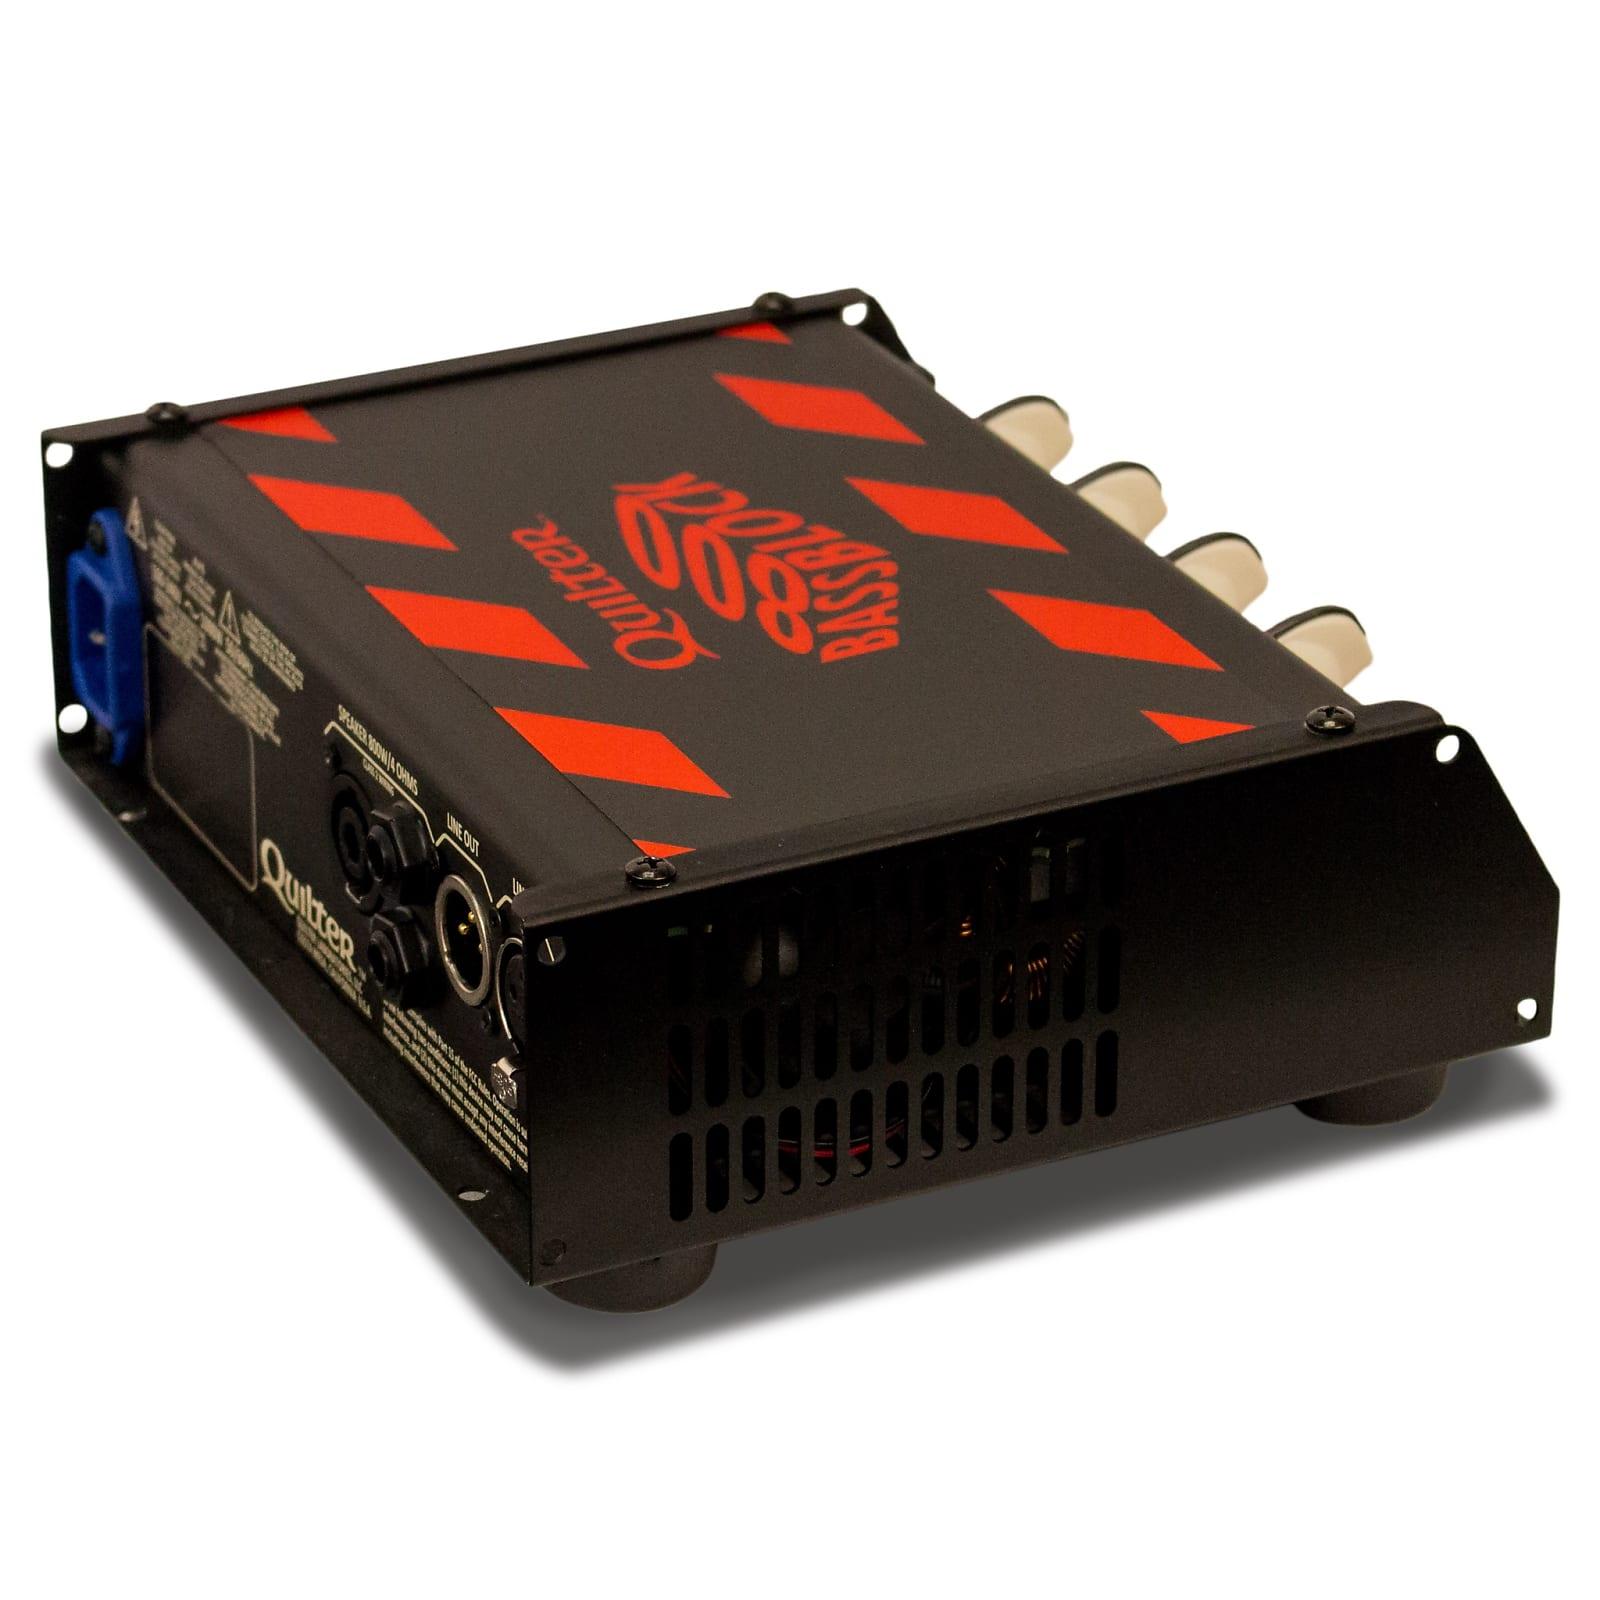 Quilter Bass Block 800 Ultralight 800W Bass Amplifier Head